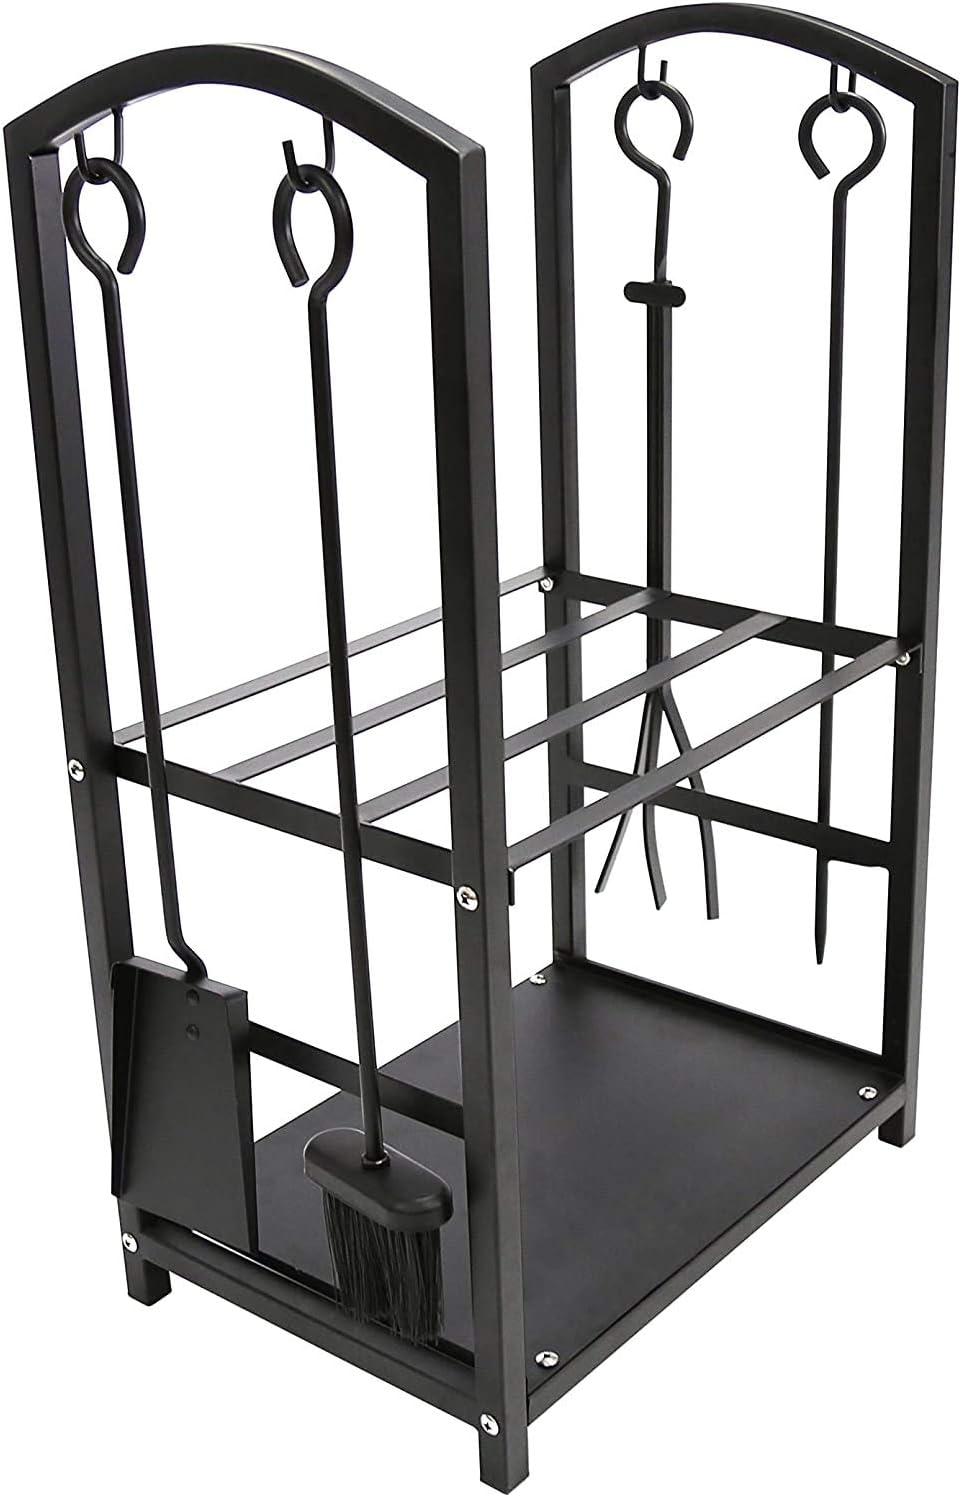 con accessori per camino 2 ripiani con 4 strumenti DWD/® 4 utensili per interni ed esterni porta tronchi con borsa in tela Portarlegna vintage con 2 ripiani in metallo nero